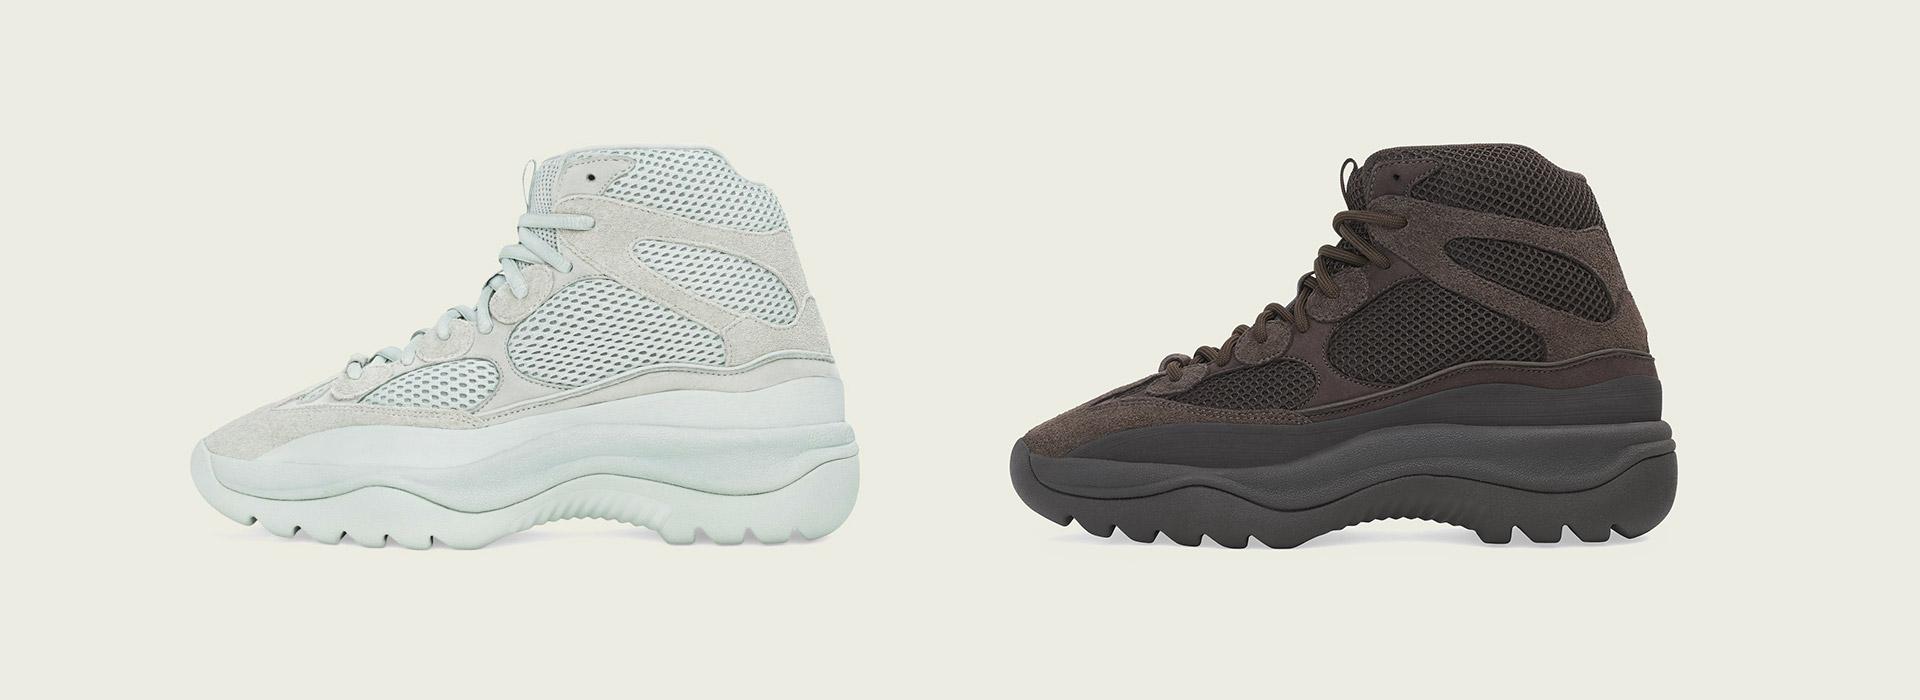 quality design 735da 8c224 Shopping online abbigliamento scarpe sneaker borse uomo ...